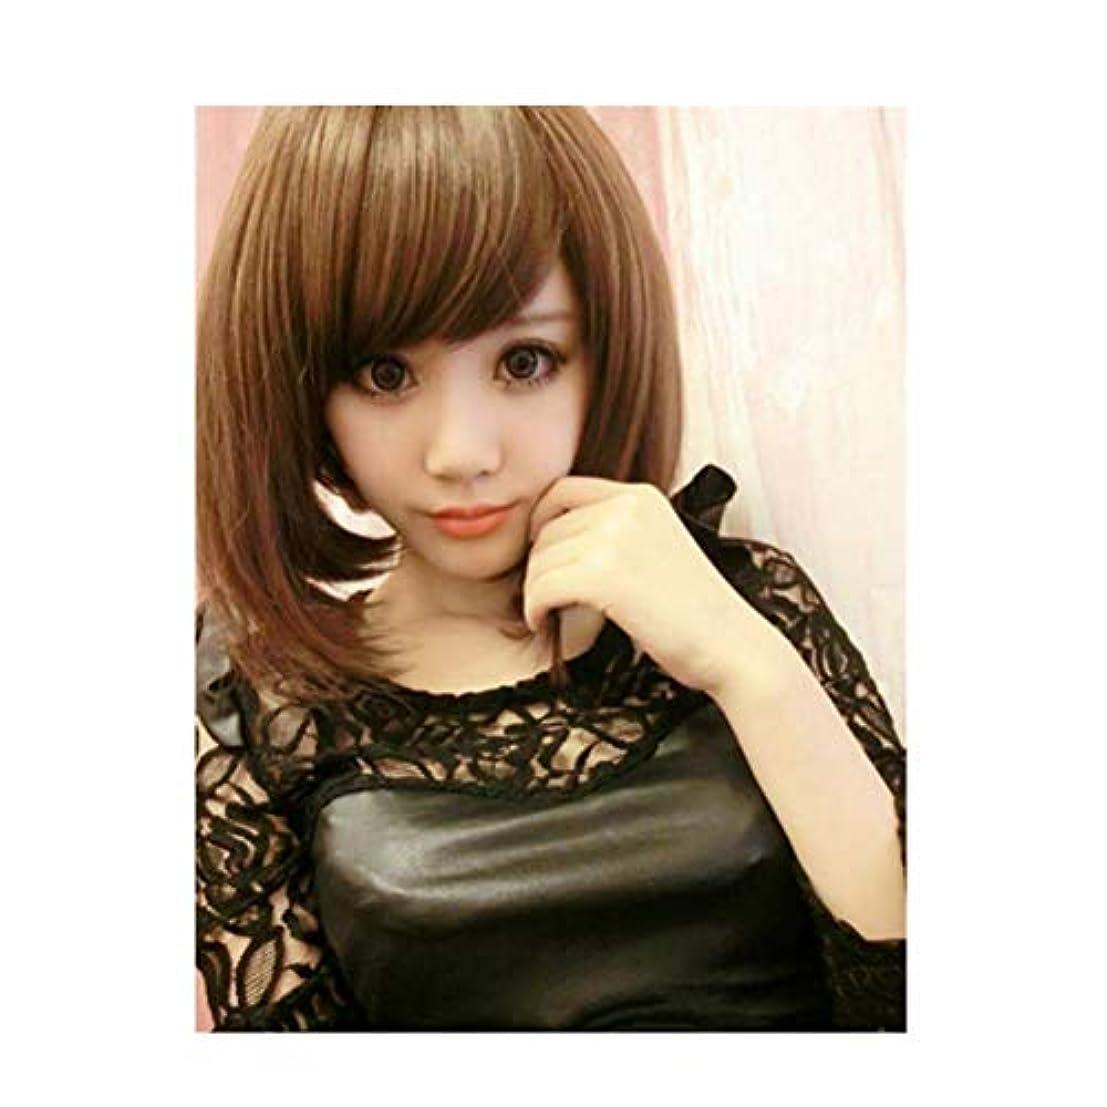 ベアリングサークル文献懐疑的かつら女性の茶色の斜め前髪化学繊維ショートヘア高温ワイヤーLH2201 (ライトブラウン)